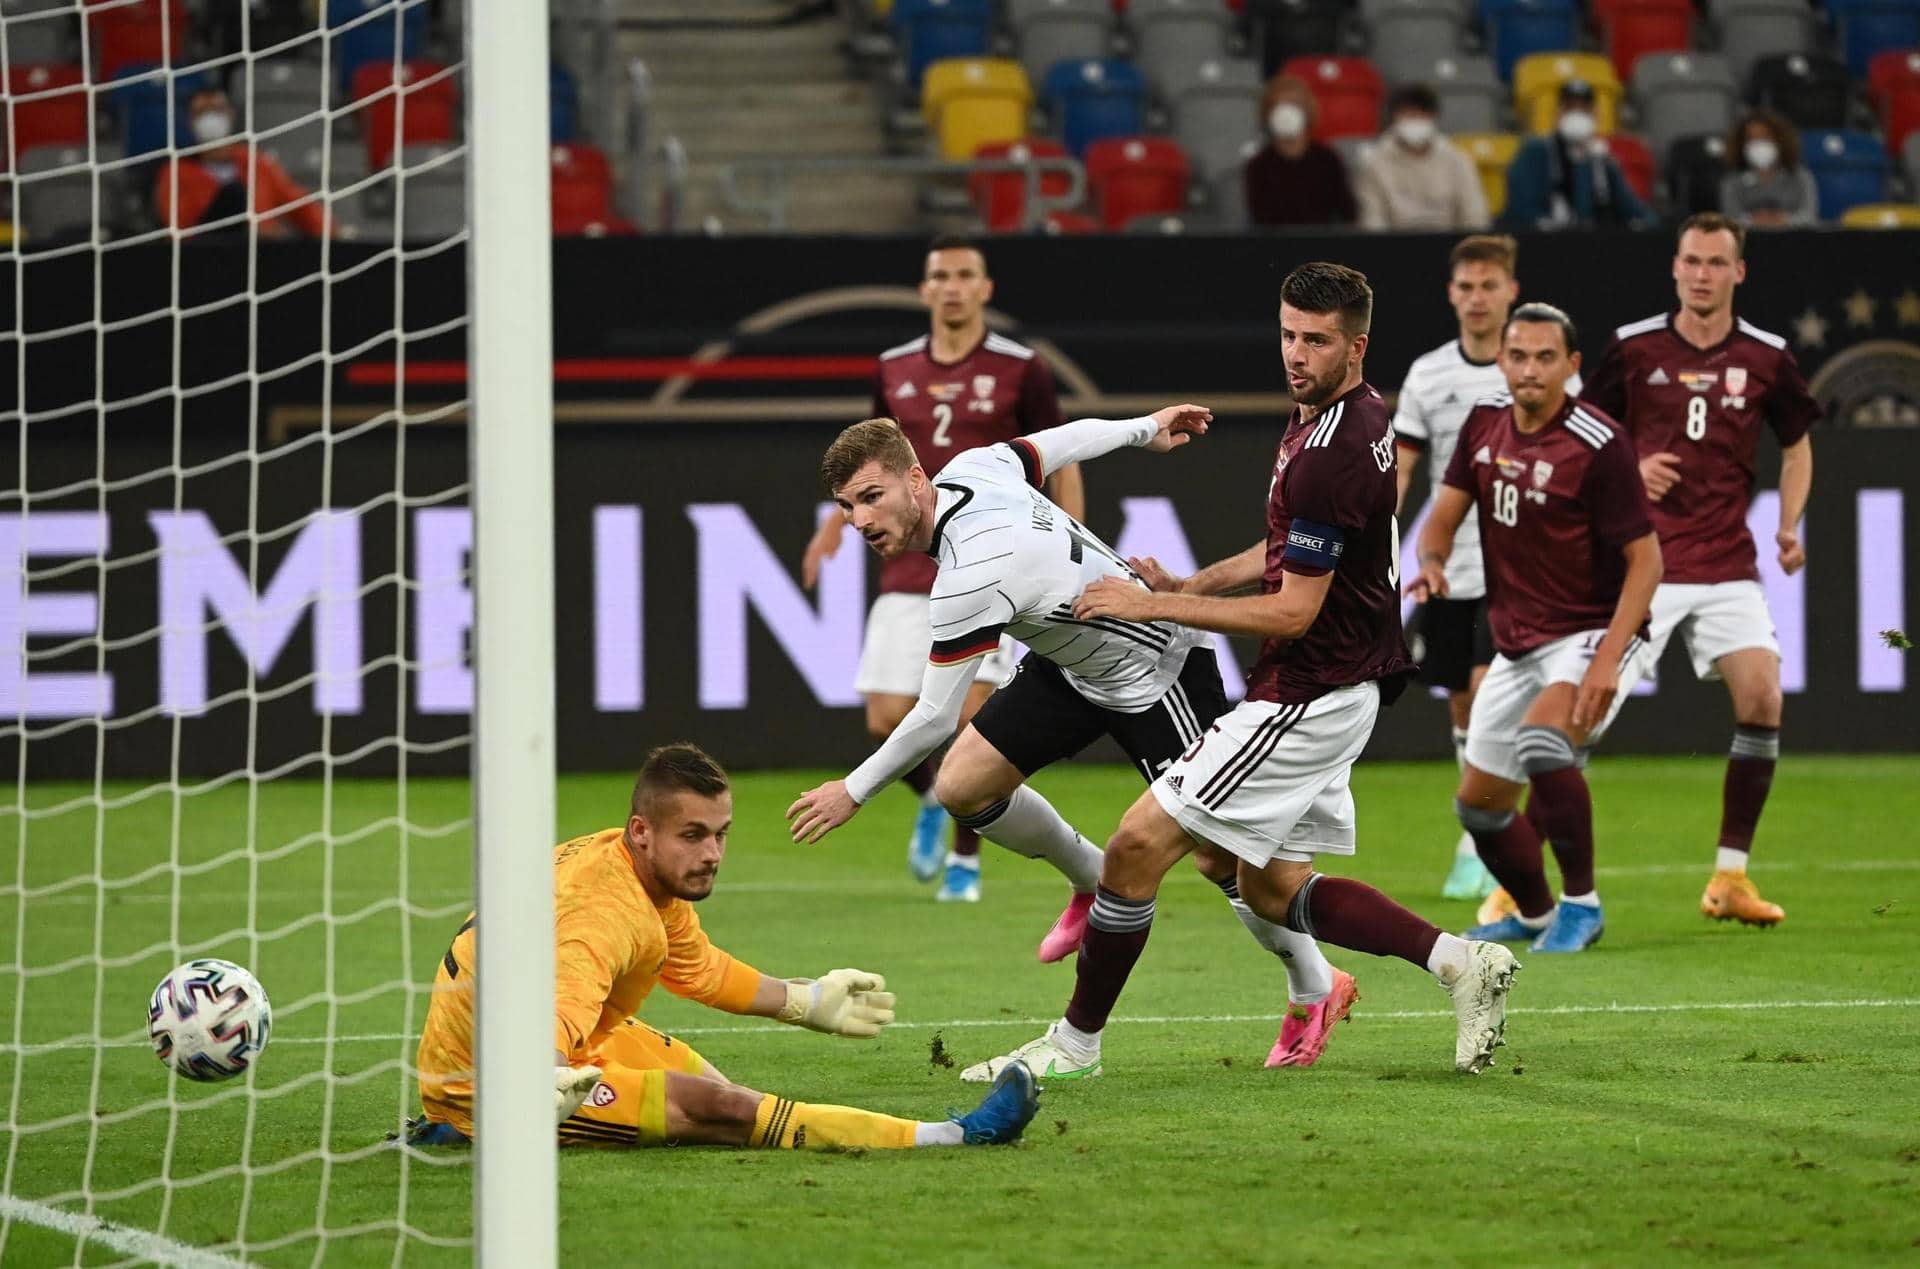 «Viele gute Dinge gemacht»: Offensive DFB-Elf weckt EM-Lust Test gegen Lettland